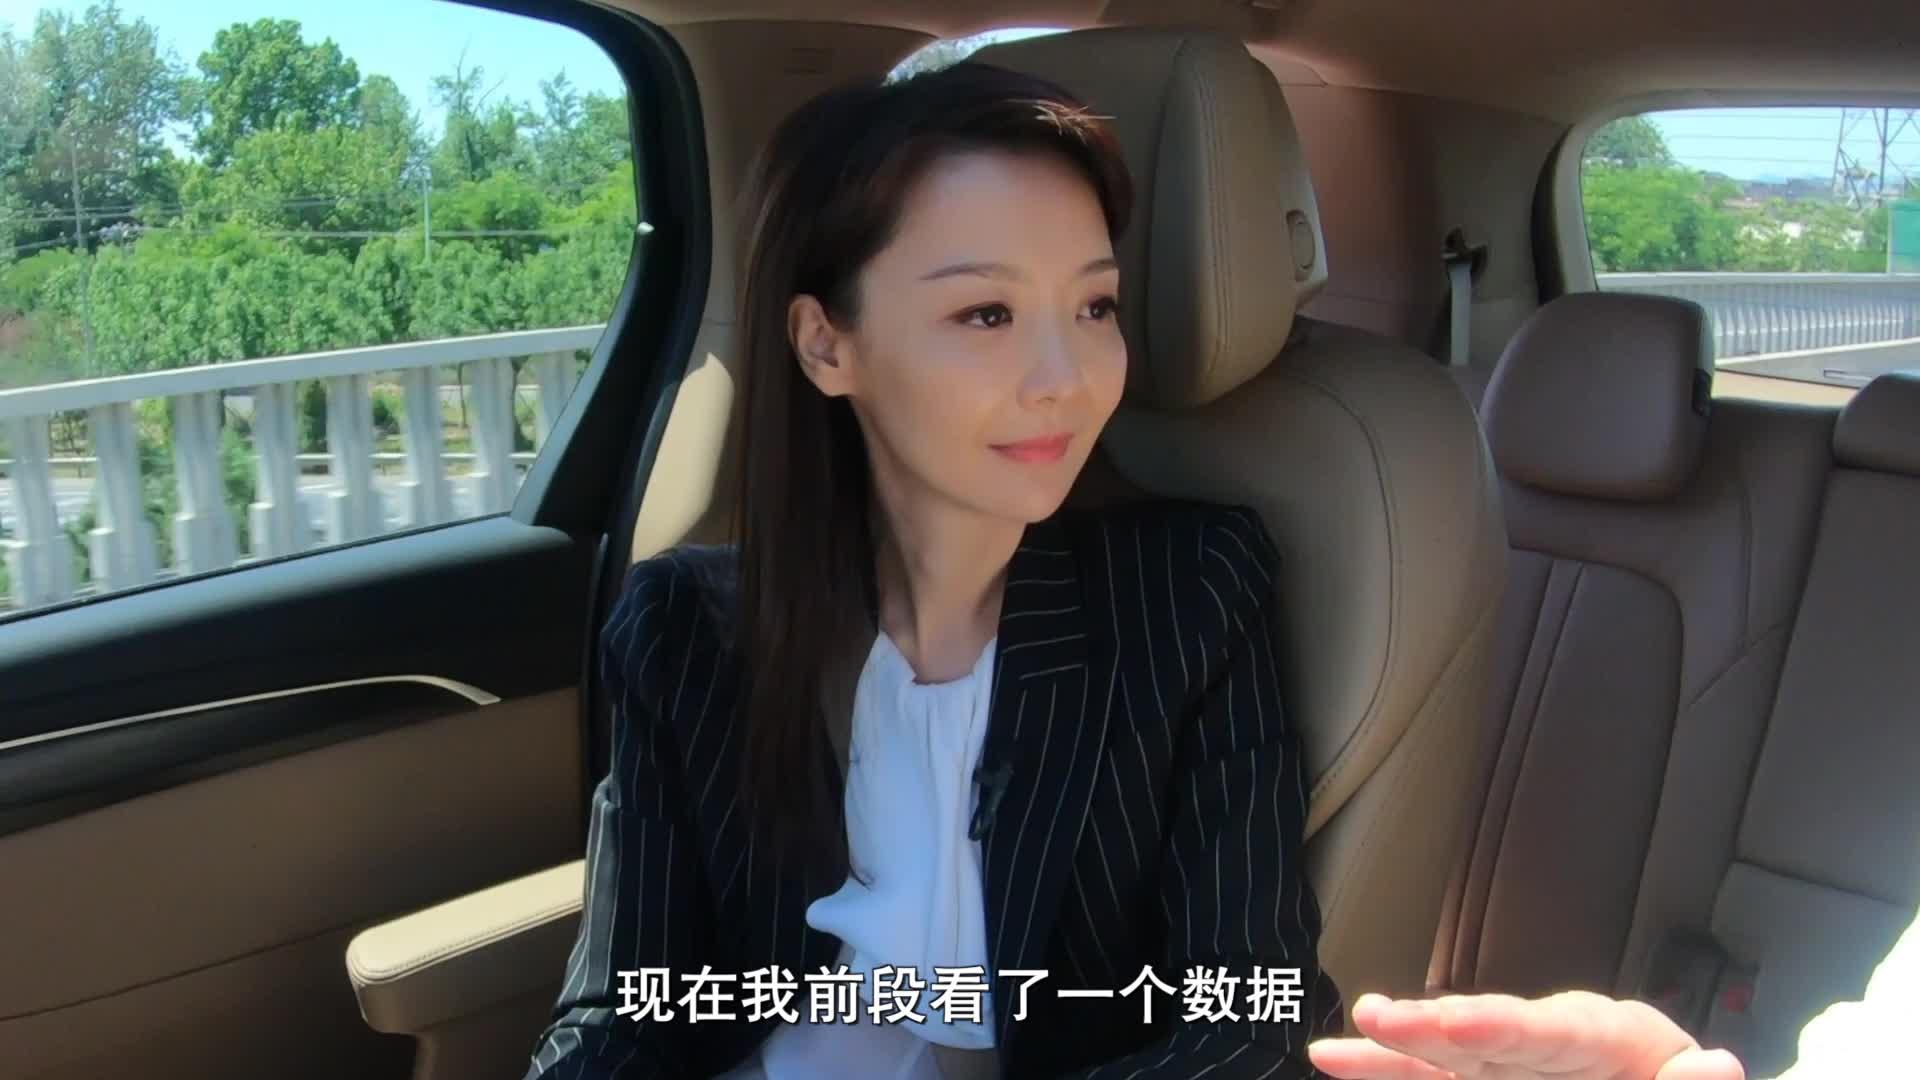 邓亚萍:国际奥委会鼓励女性更多参加东京奥运会男女比例将达48%